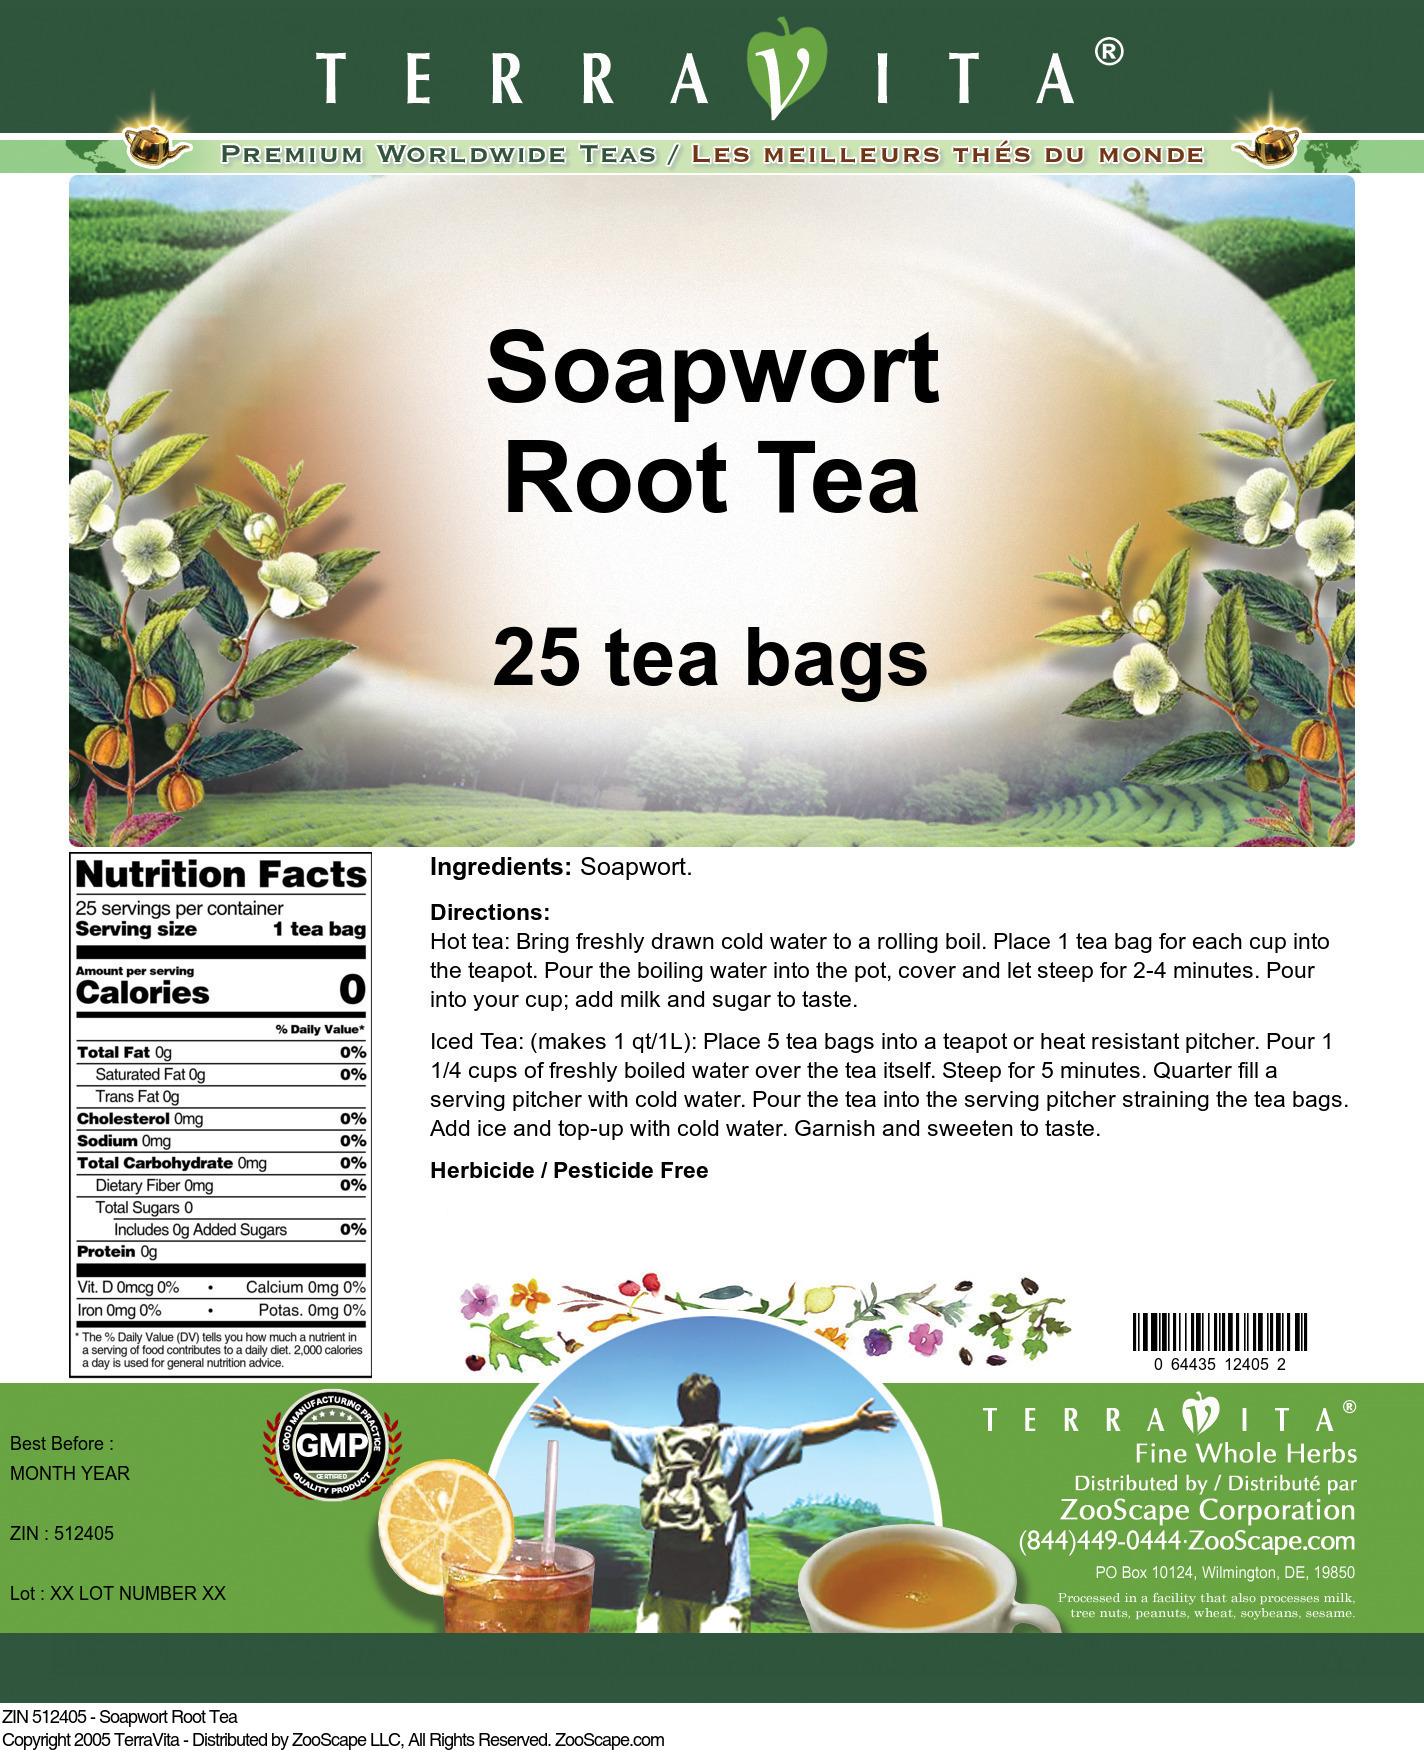 Soapwort Root Tea